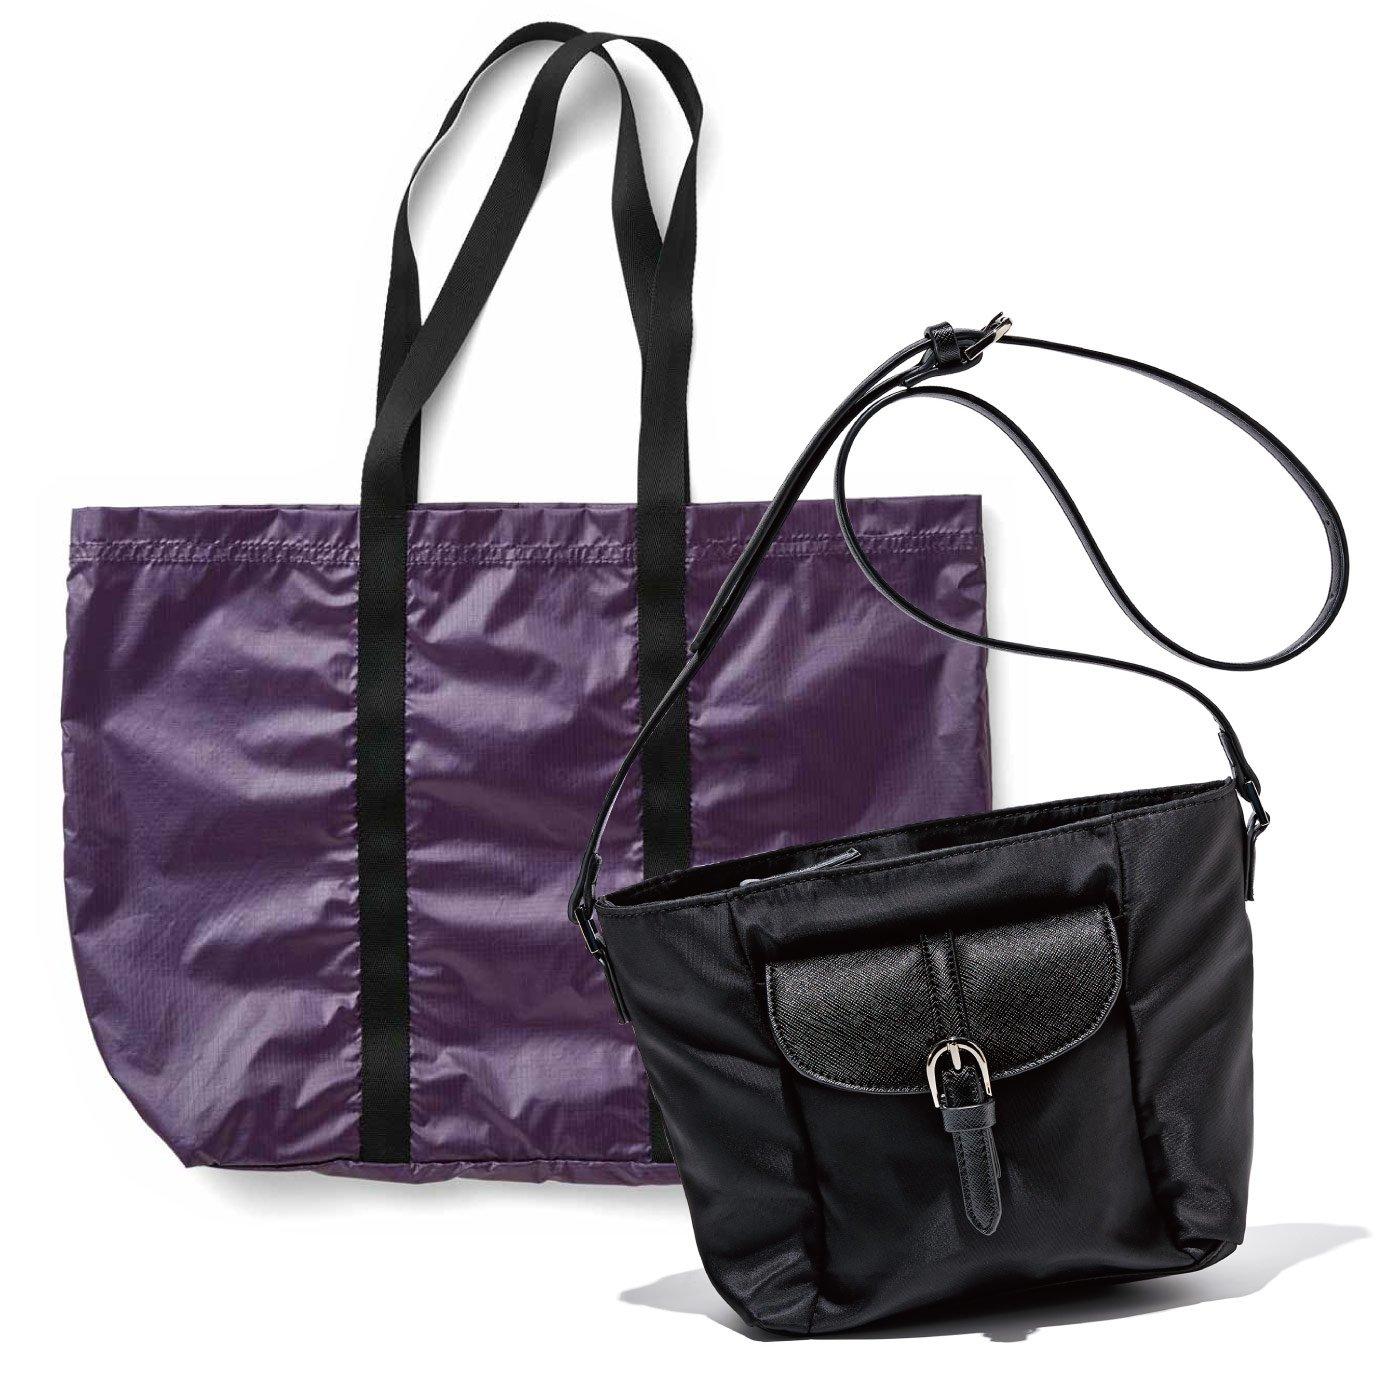 牧野紗弥さん×IEDIT[イディット] 大容量の軽やかサブバッグ付きで荷物が増えても安心 きれいめポシェット〈ブラック〉